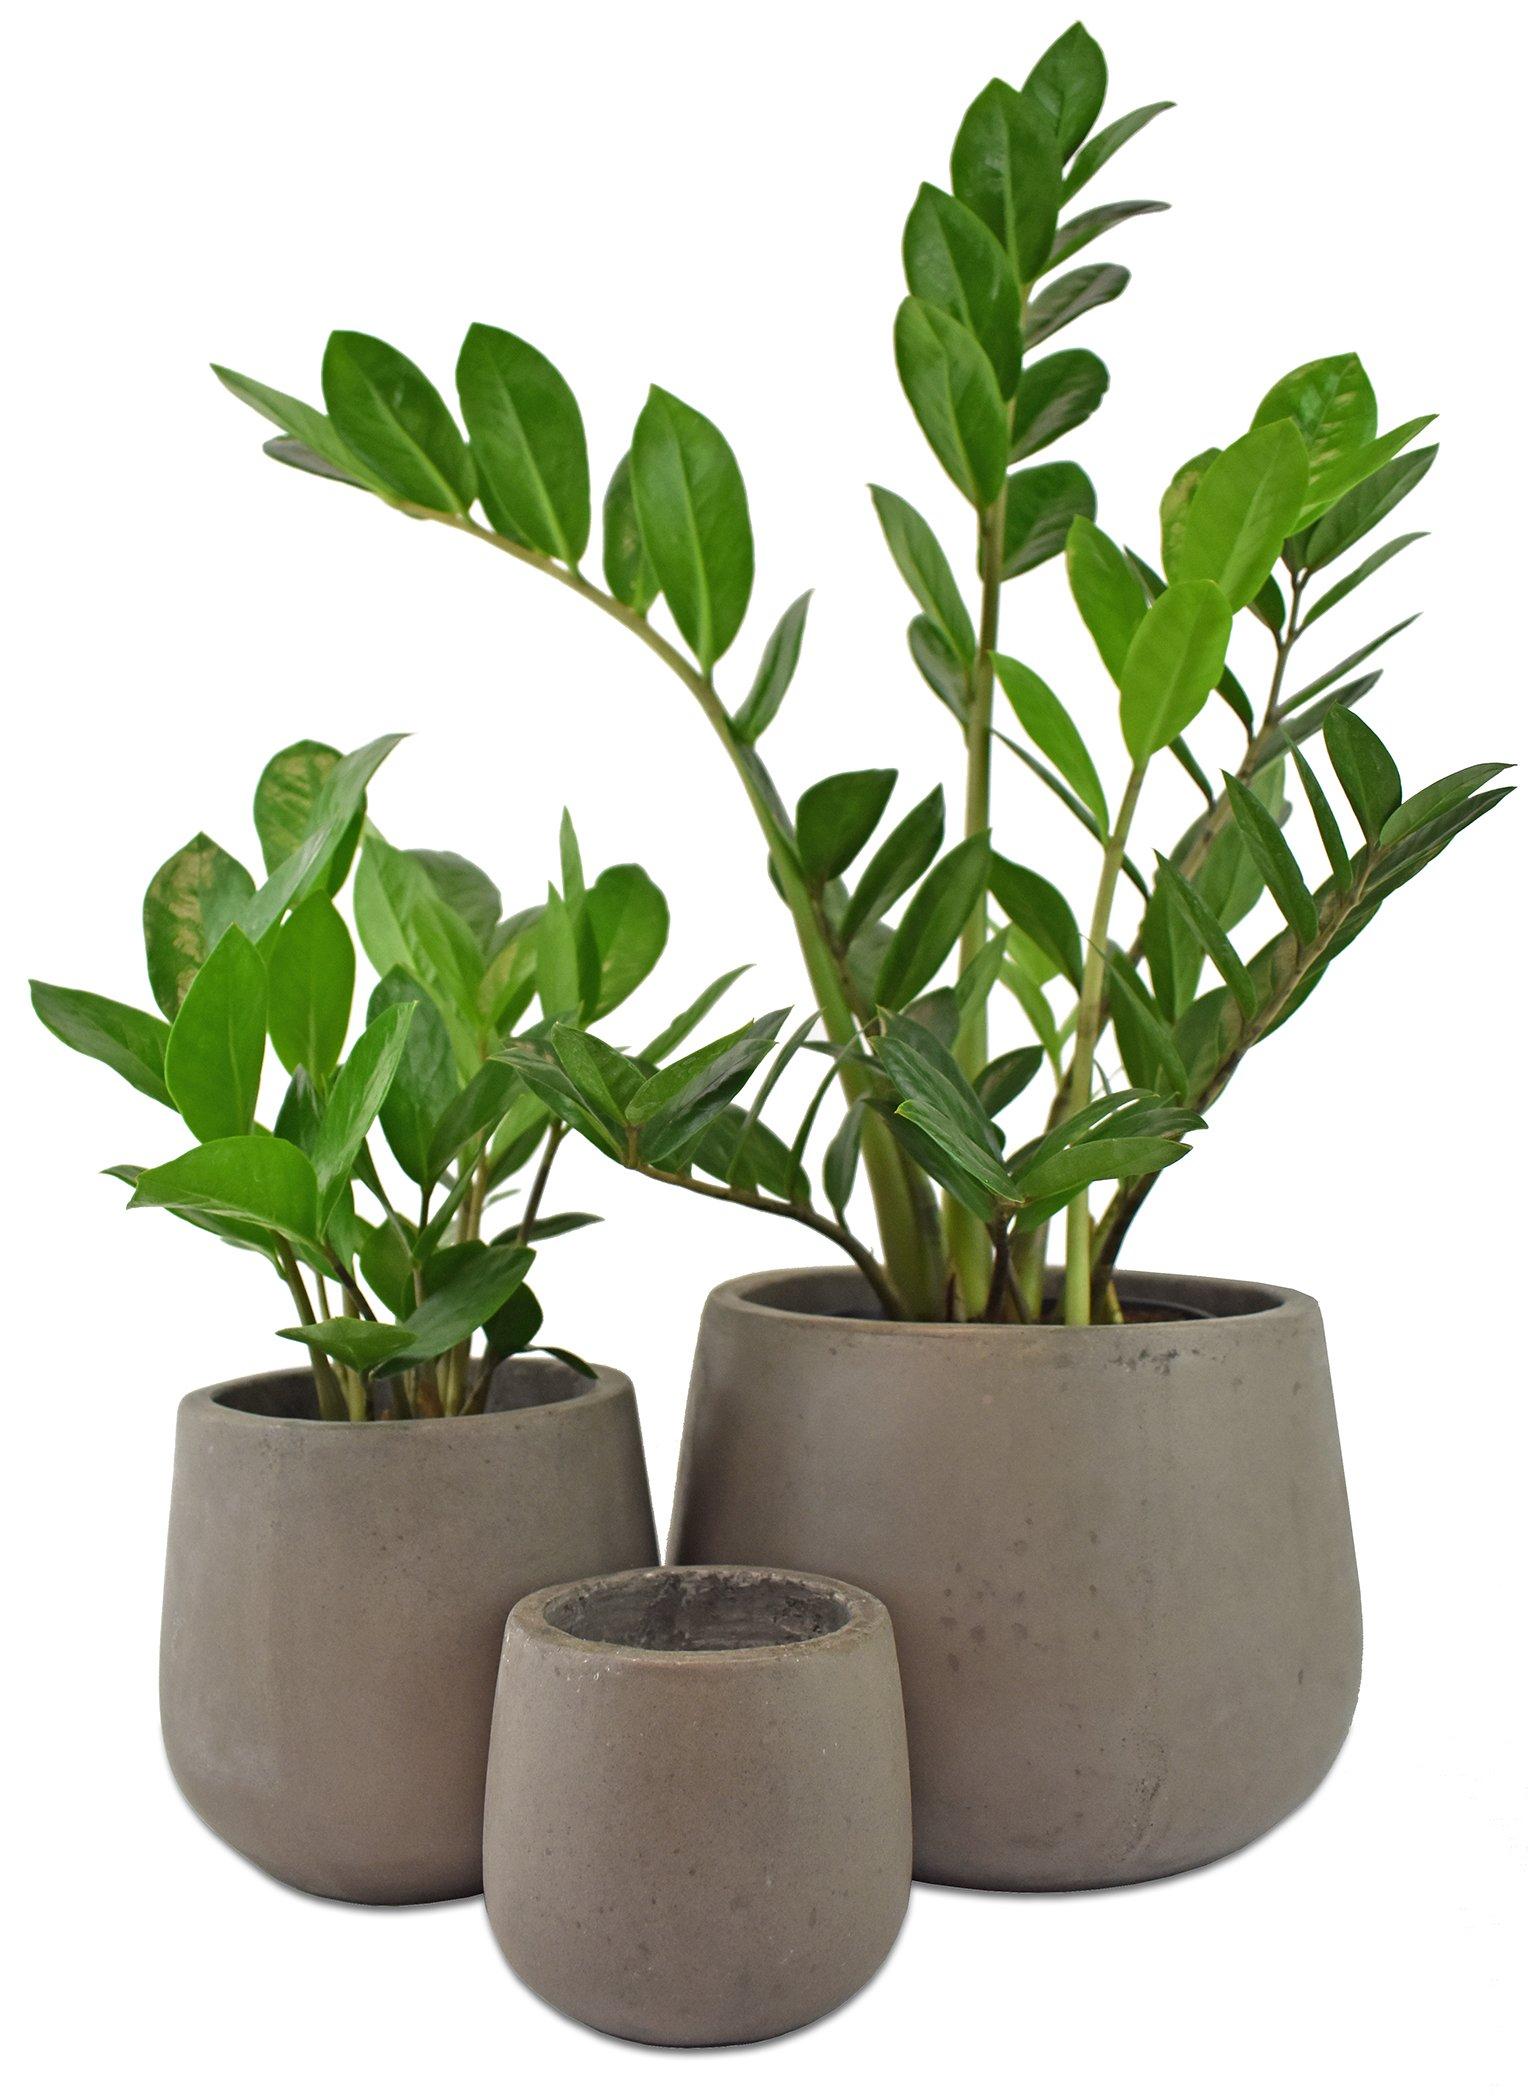 Cement Samai Planter Pot Set of 3 Garden Patio Decor